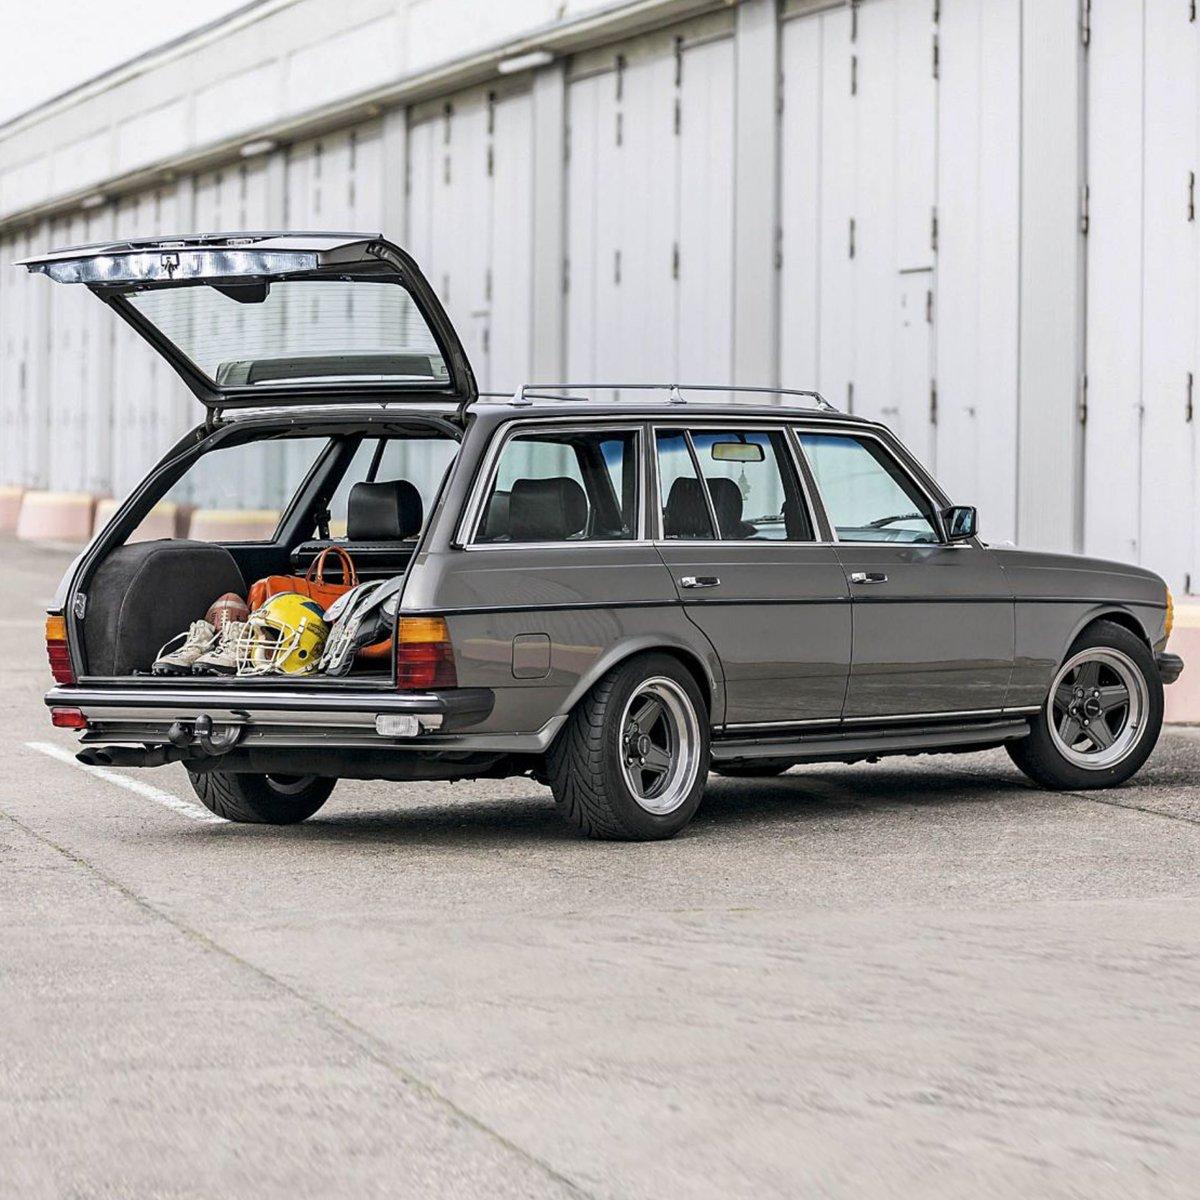 Kalitesi hiç eskimiyor; konforunun önüne hiçbir şey geçemiyor. Bir zamanların aile otomobili: Mercedes-Benz S123. #Koluman #MercedesBenz #klasikaraba #wagon https://t.co/5kHtTg8l39